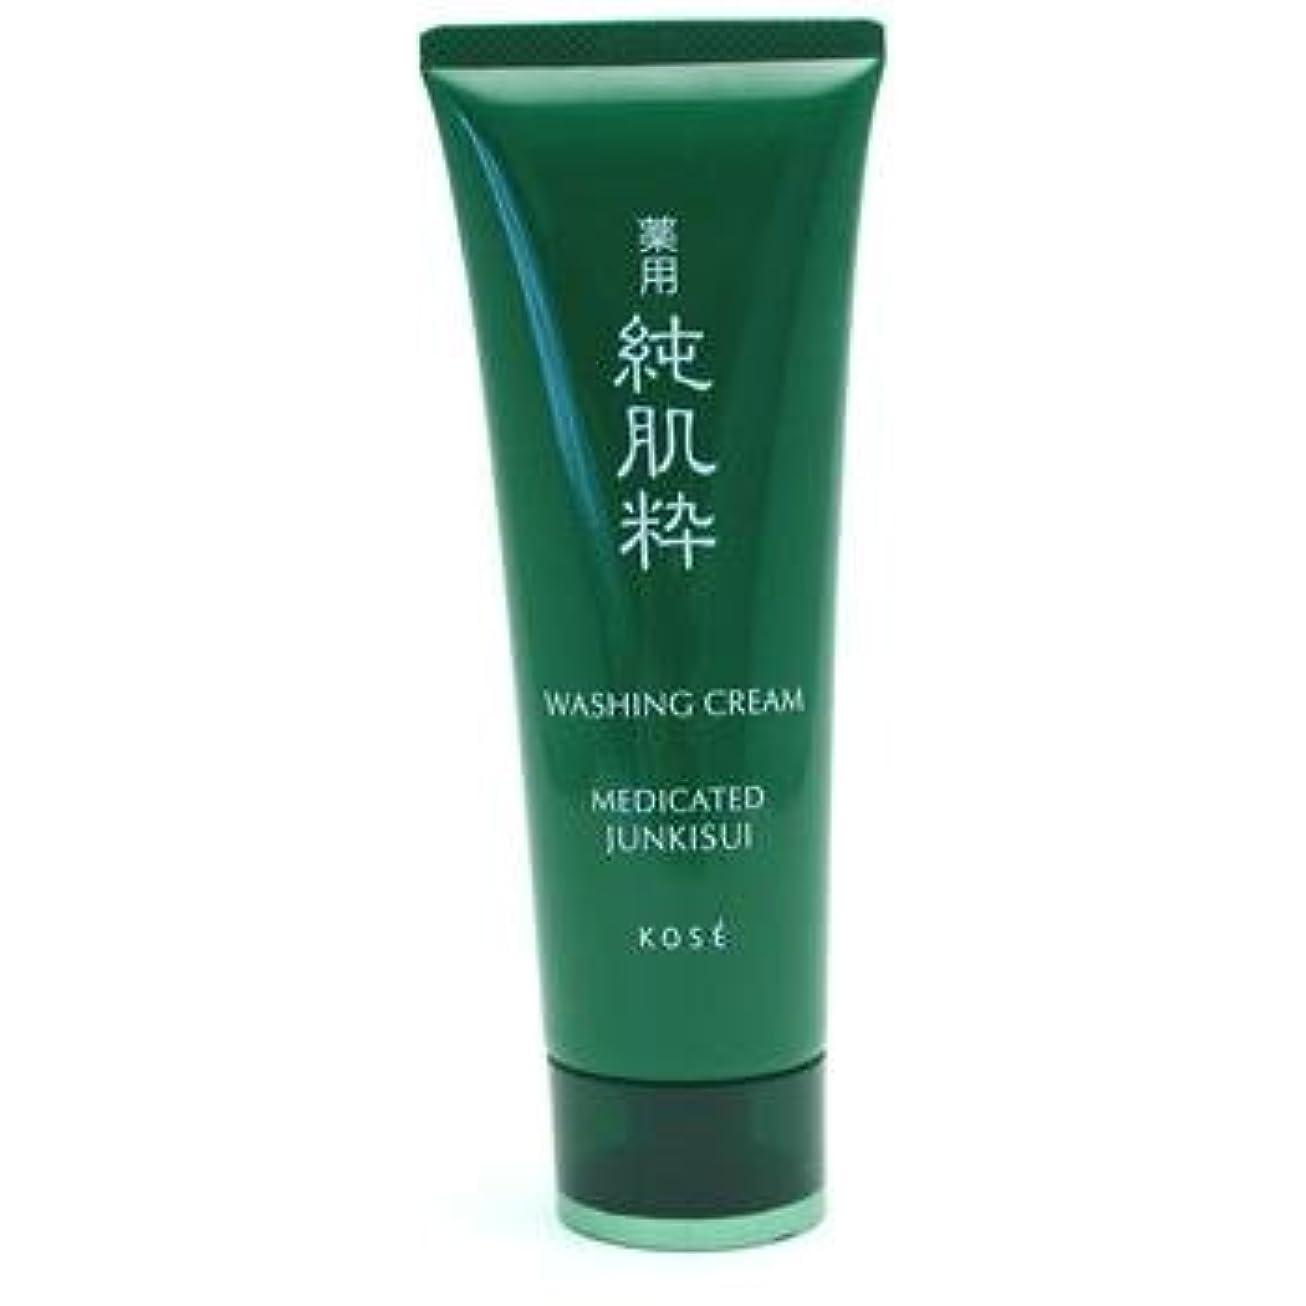 負荷表面消防士コーセー 薬用純肌粋 洗顔クリーム<医薬部外品>(120g)